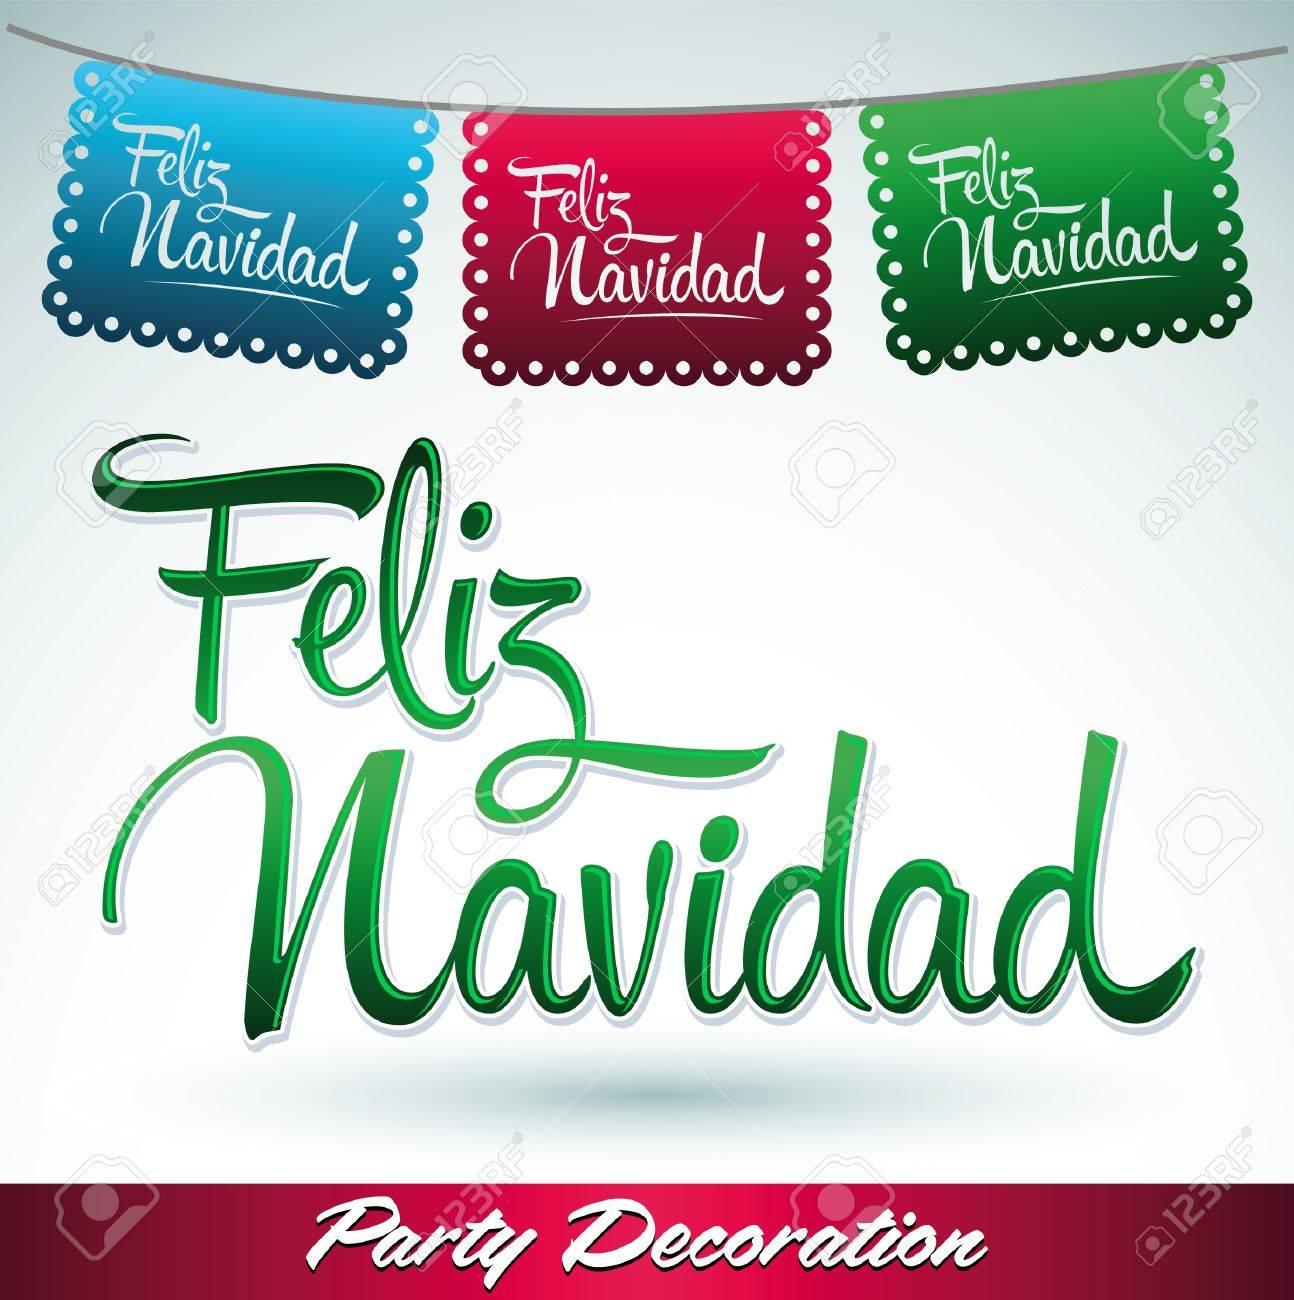 Feliz Navidad Joyeux Noel 2019.Feliz Navidad Joyeux Noel Texte Espagnol Vecteur Calligraphique Ecriture Rue De Decoration